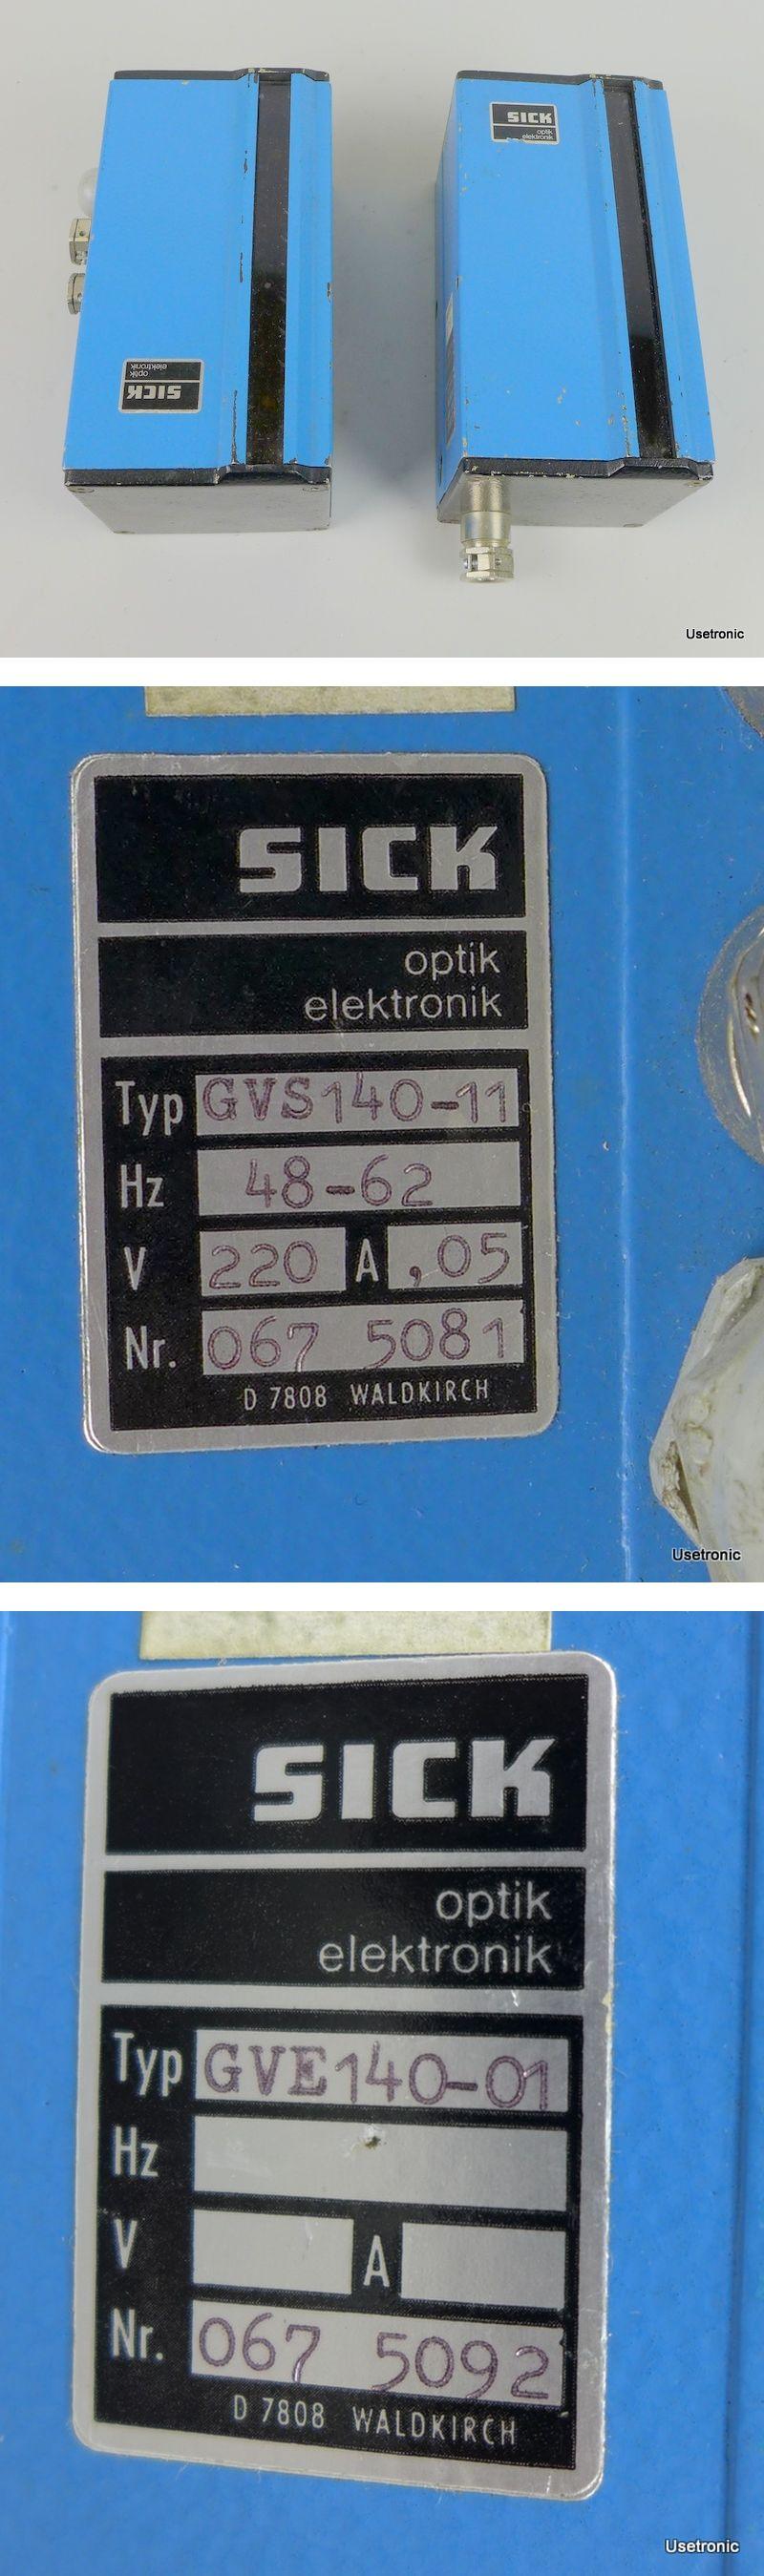 Sick Lichtschranke GVS140-11 GVE140-01 Sender Empfänger